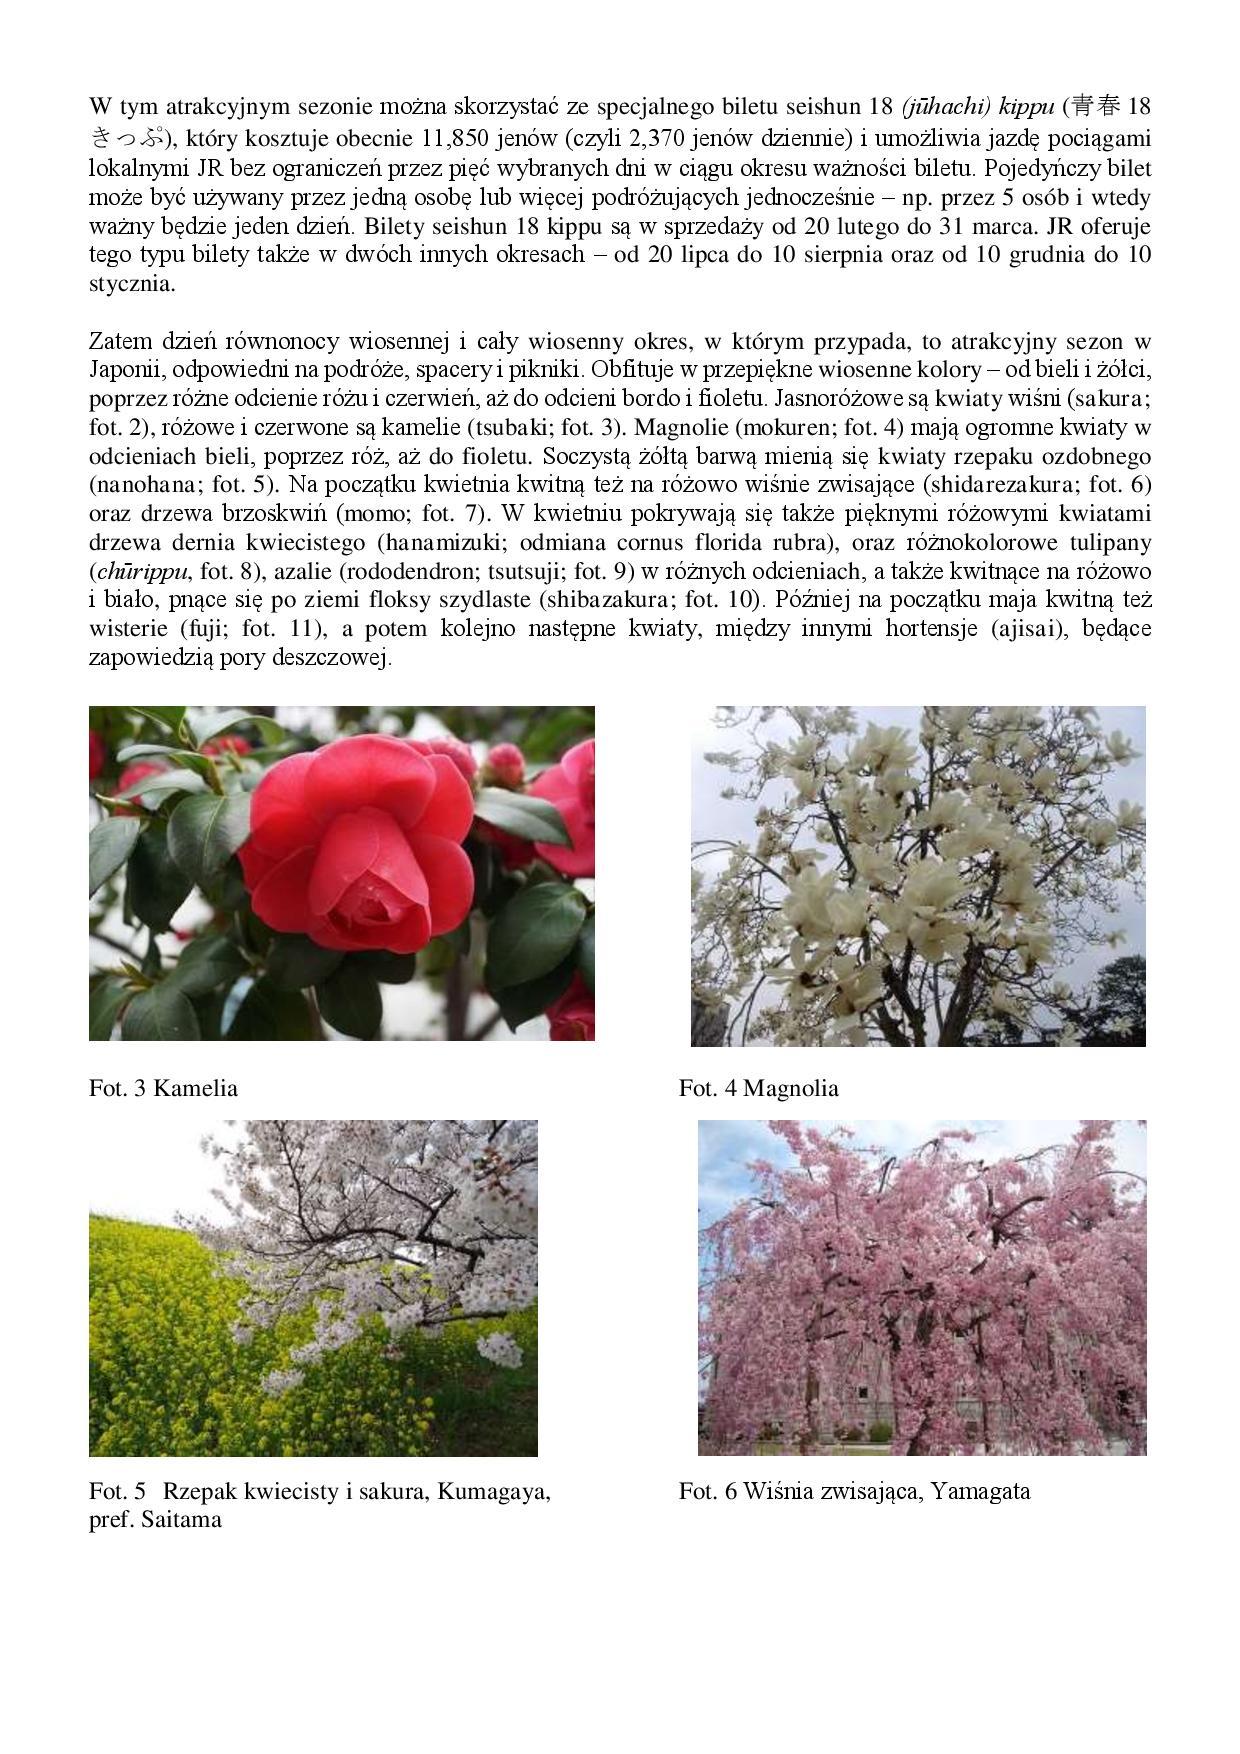 1. Dzien rownonocy wiosennej-page-002